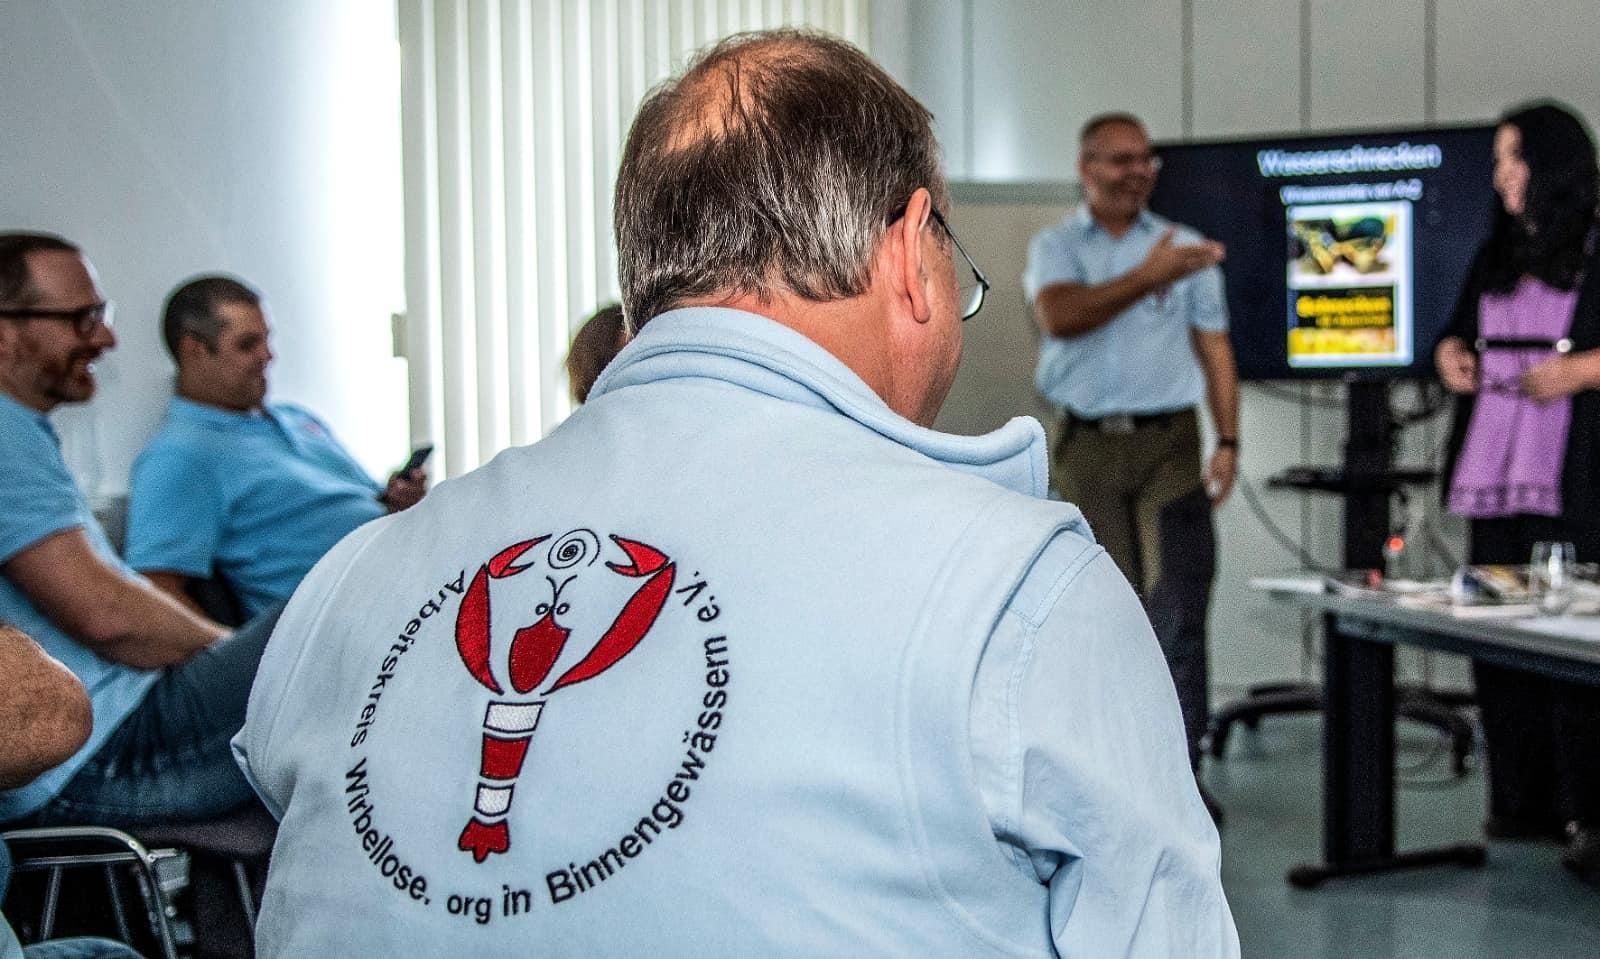 299: AKWB Jahreshauptversammlung - Erfahrungsaustausch rund um Garnelen, Krebse & Schnecken (Lars Dwinger) 5